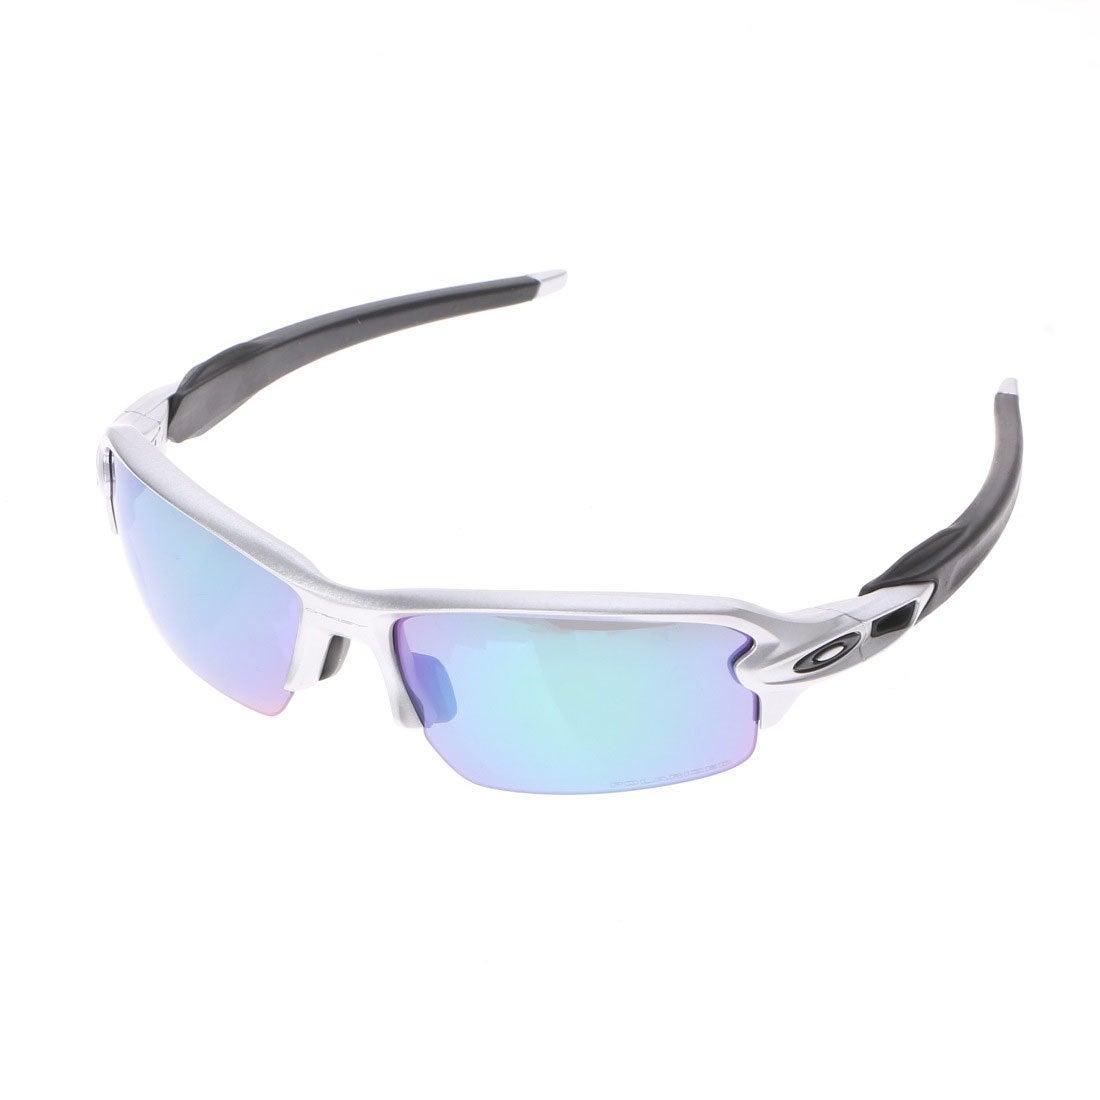 オークリー OAKLEY ユニセックス ゴルフ サングラス (Asian Fit) FLAK 2.0 OO9271-02 レディース メンズ